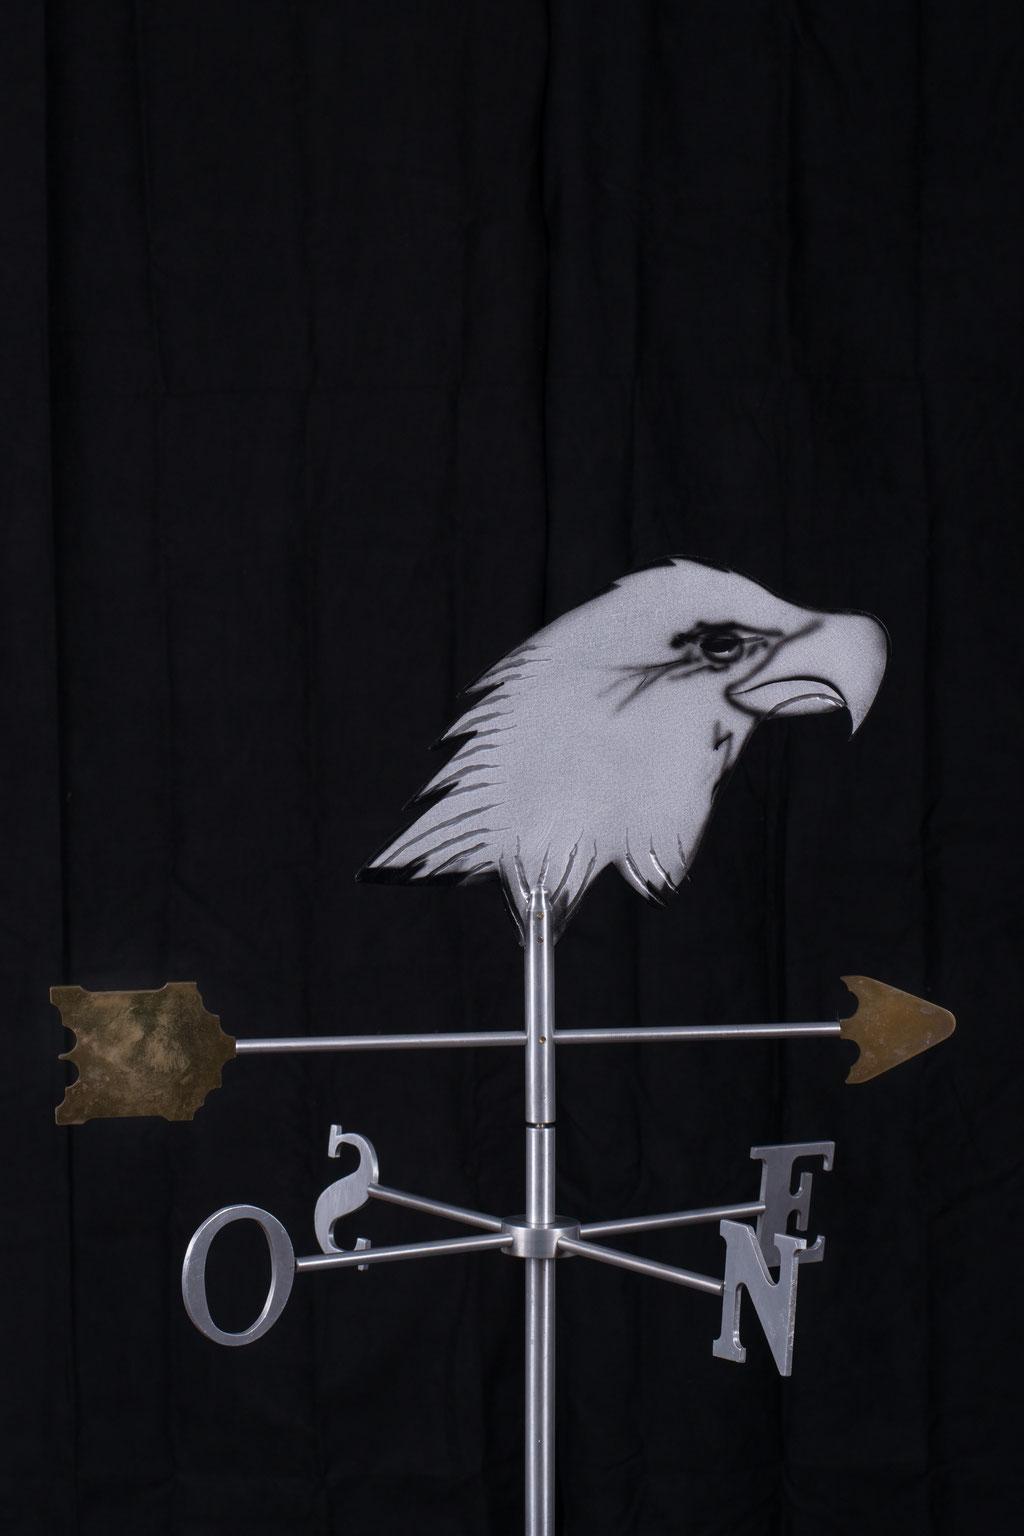 """Girouette aigle, Aluminium acrylique, 31"""" haut x 24"""" x 24"""", 2006.  $350.00"""